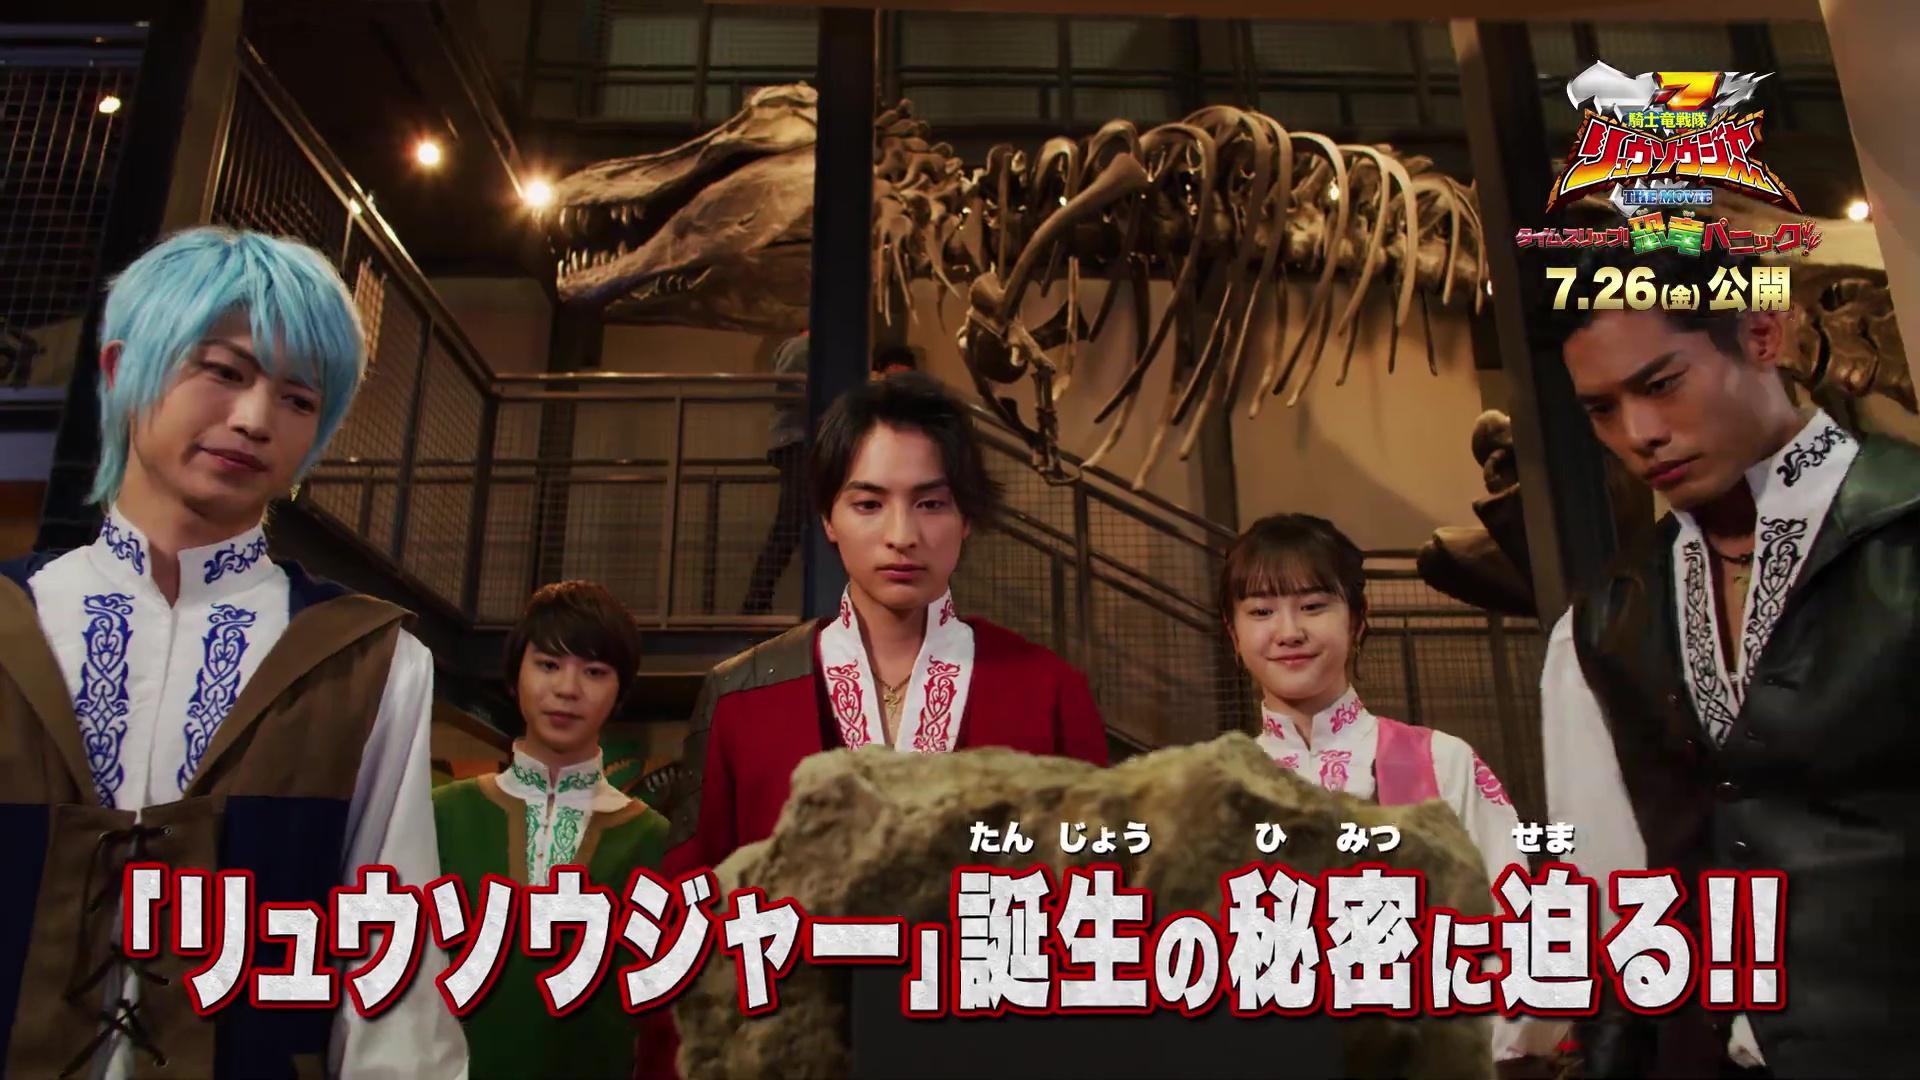 劇場版『リュウソウジャー』予告編より 恐竜博物館にて